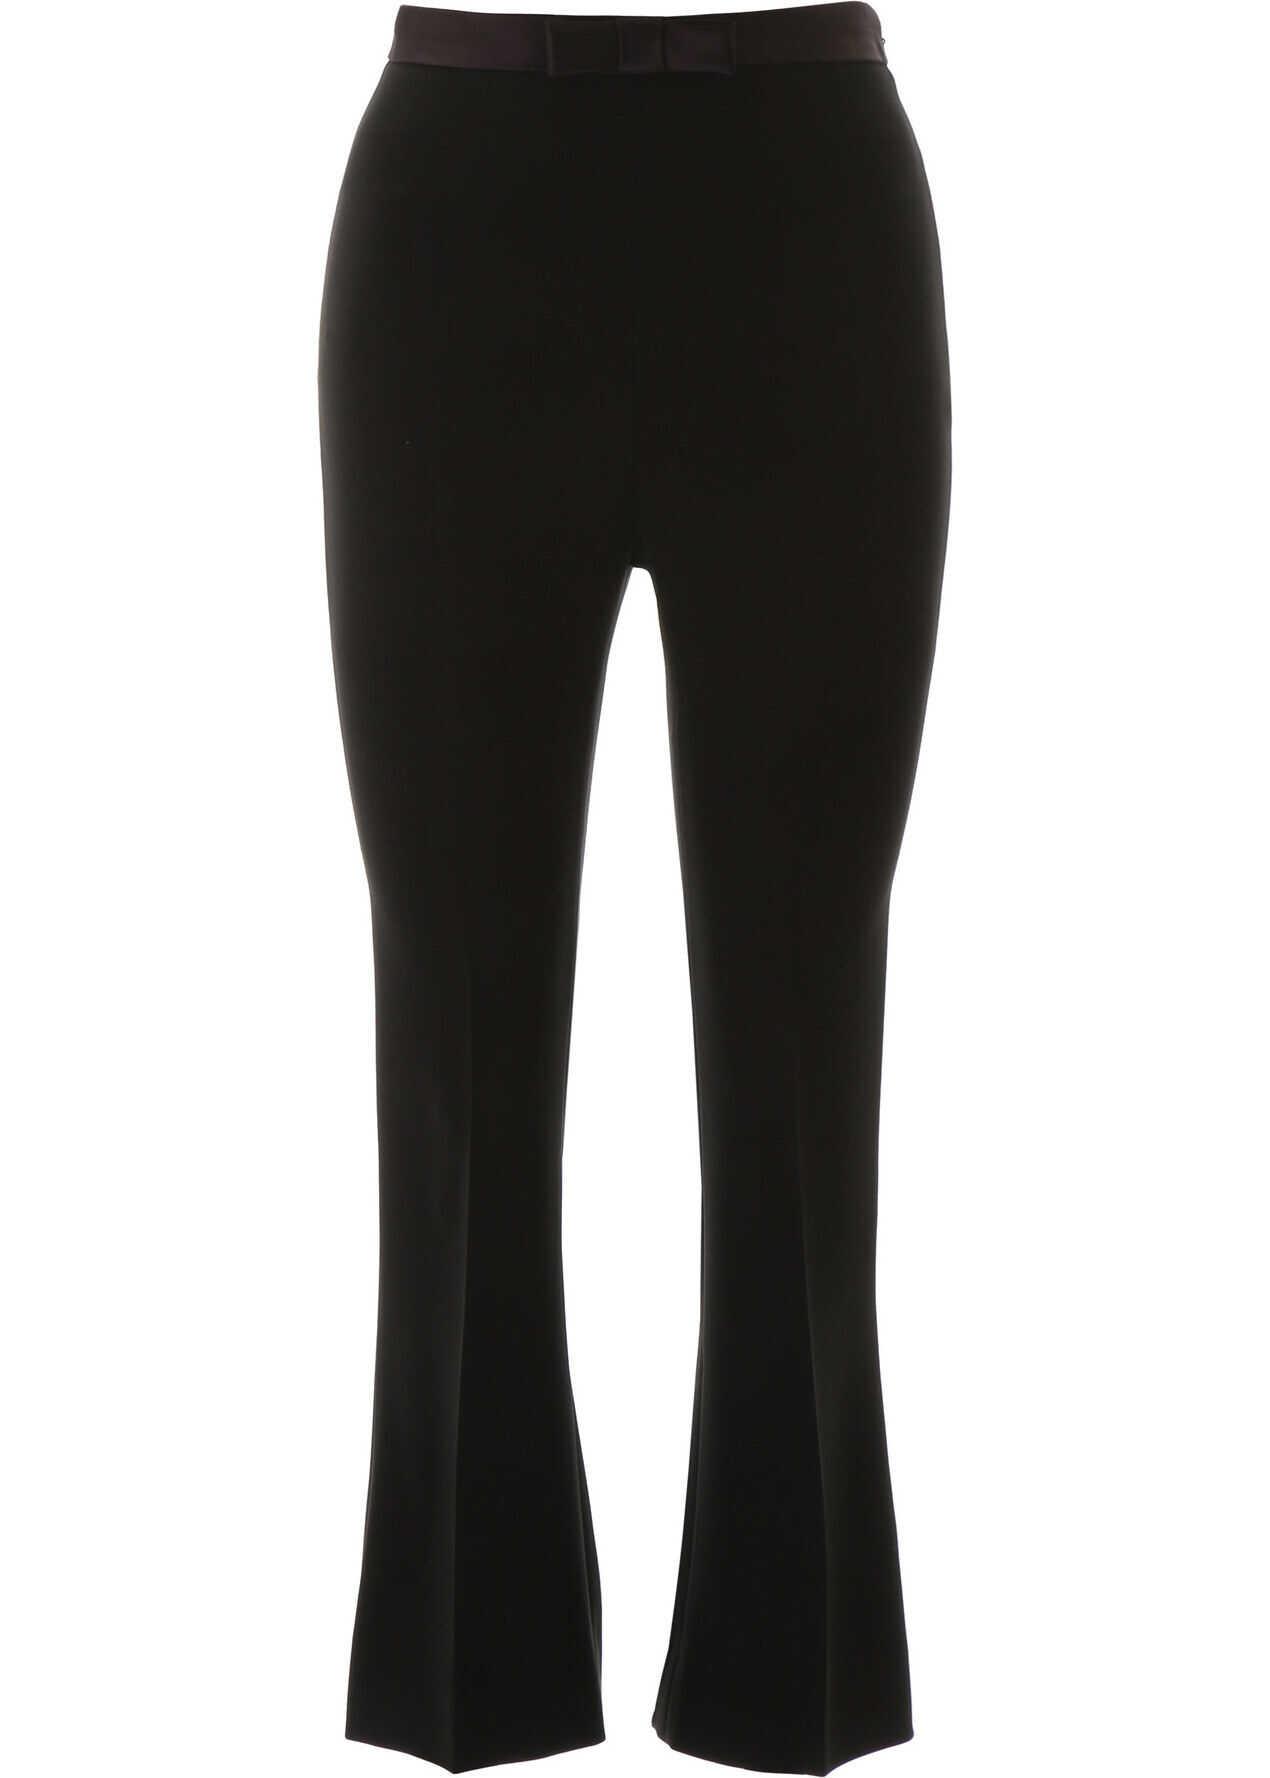 Miu Miu Trousers With Bow NERO